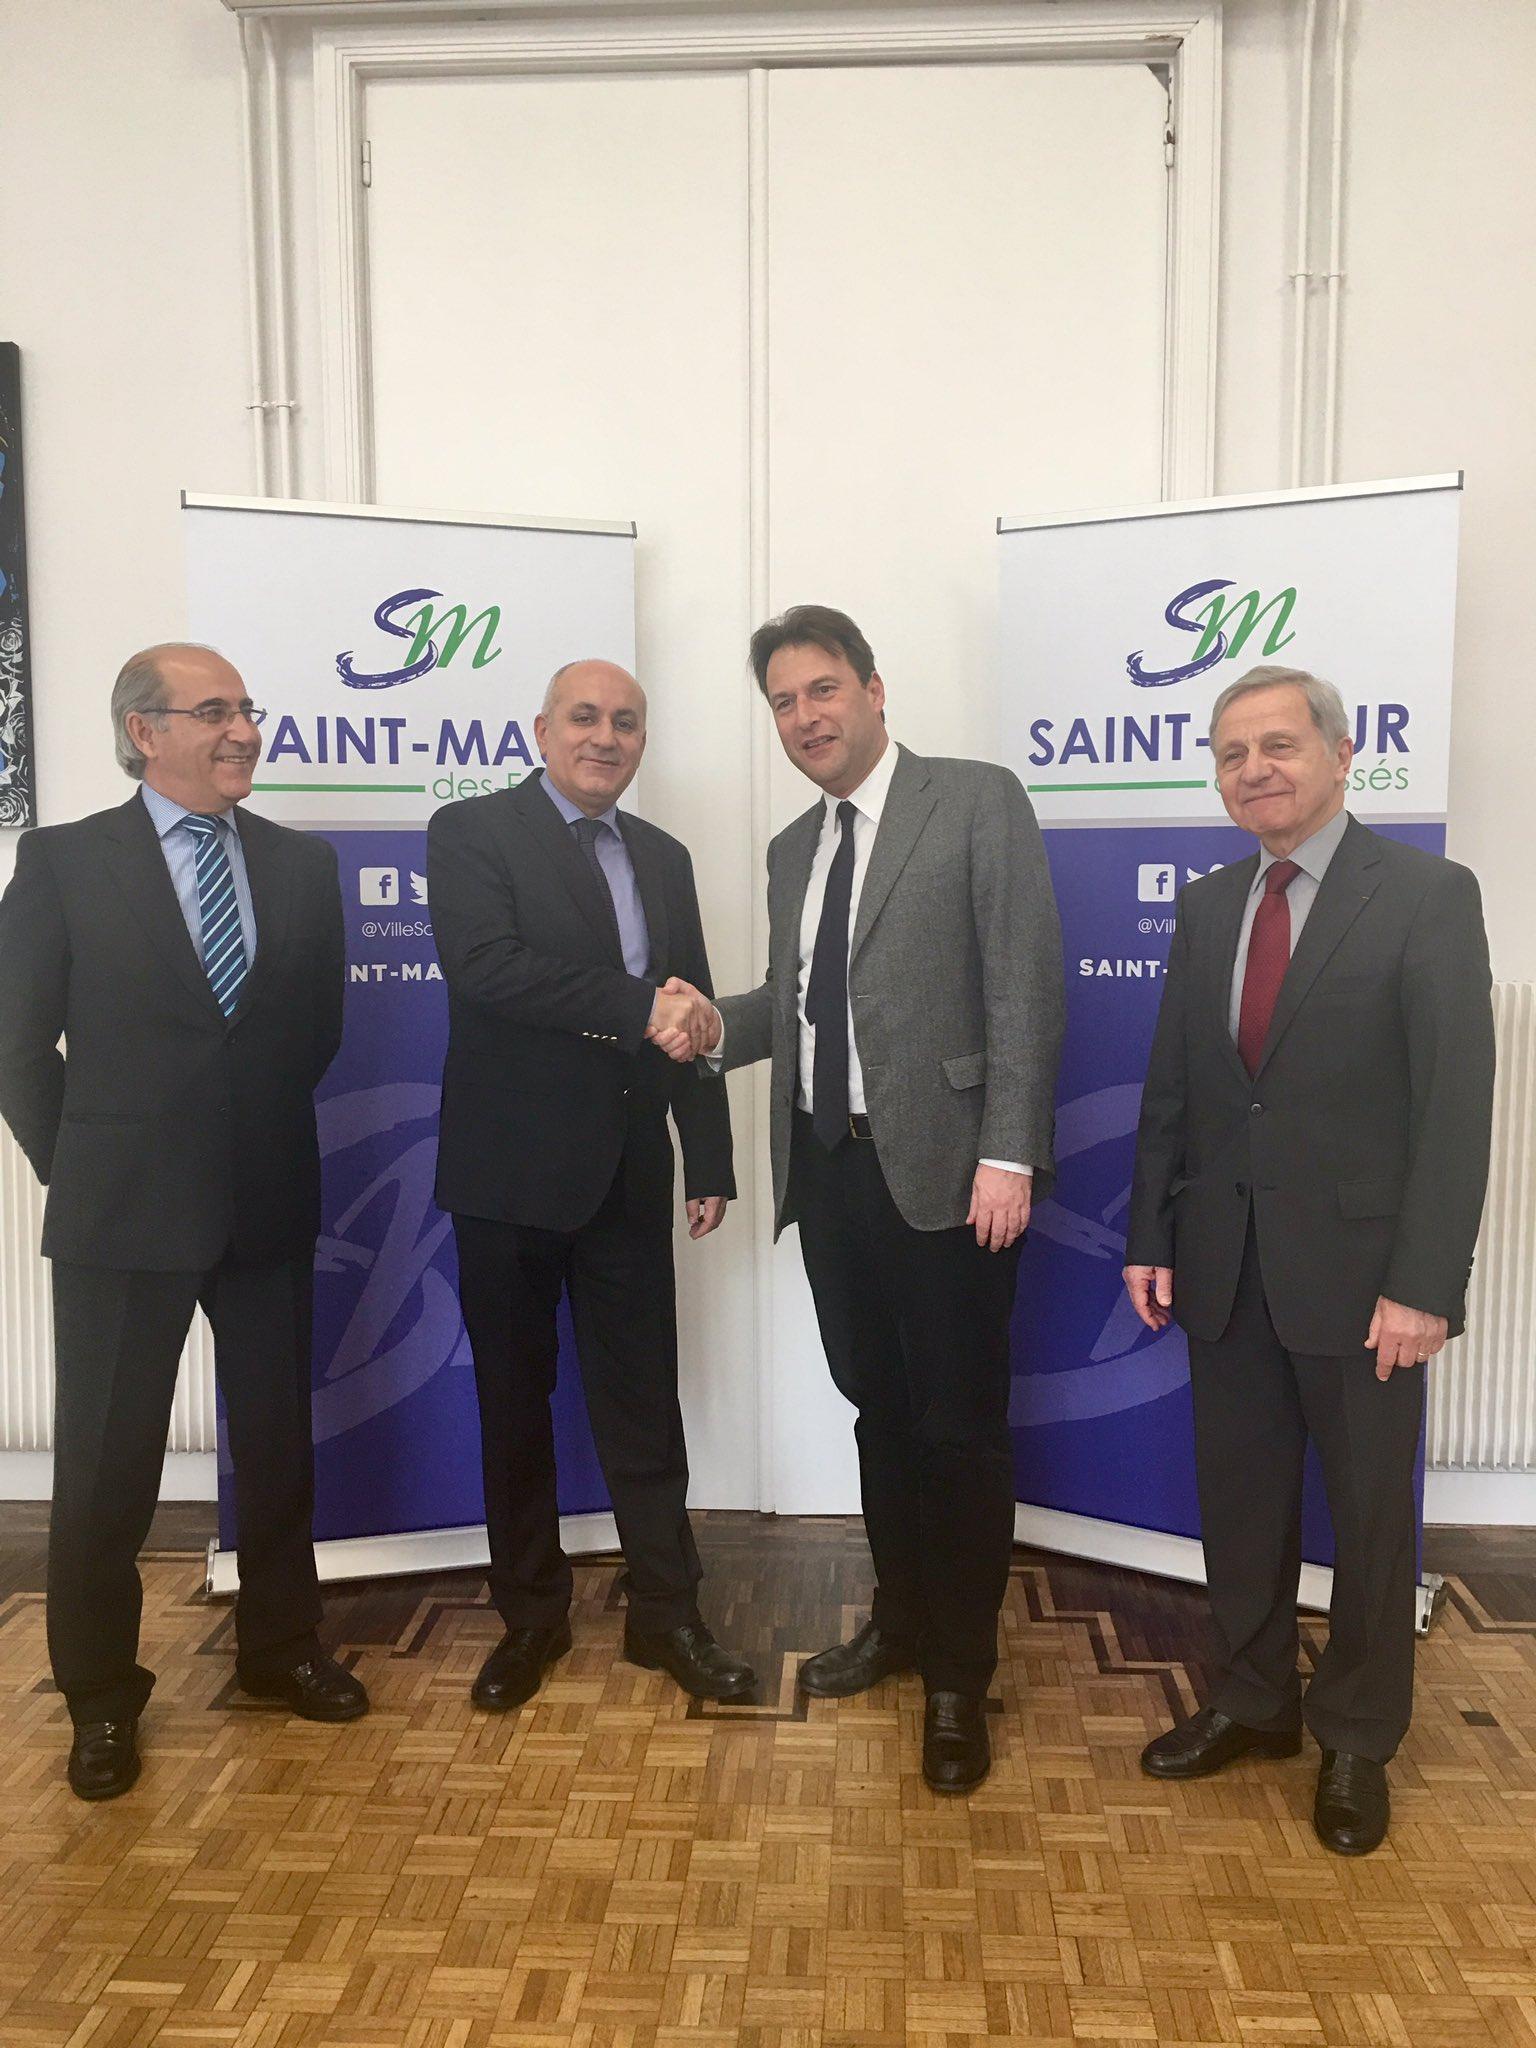 Amitié France-Portugal : visite du consul général à Saint-Maur-des-Fossés